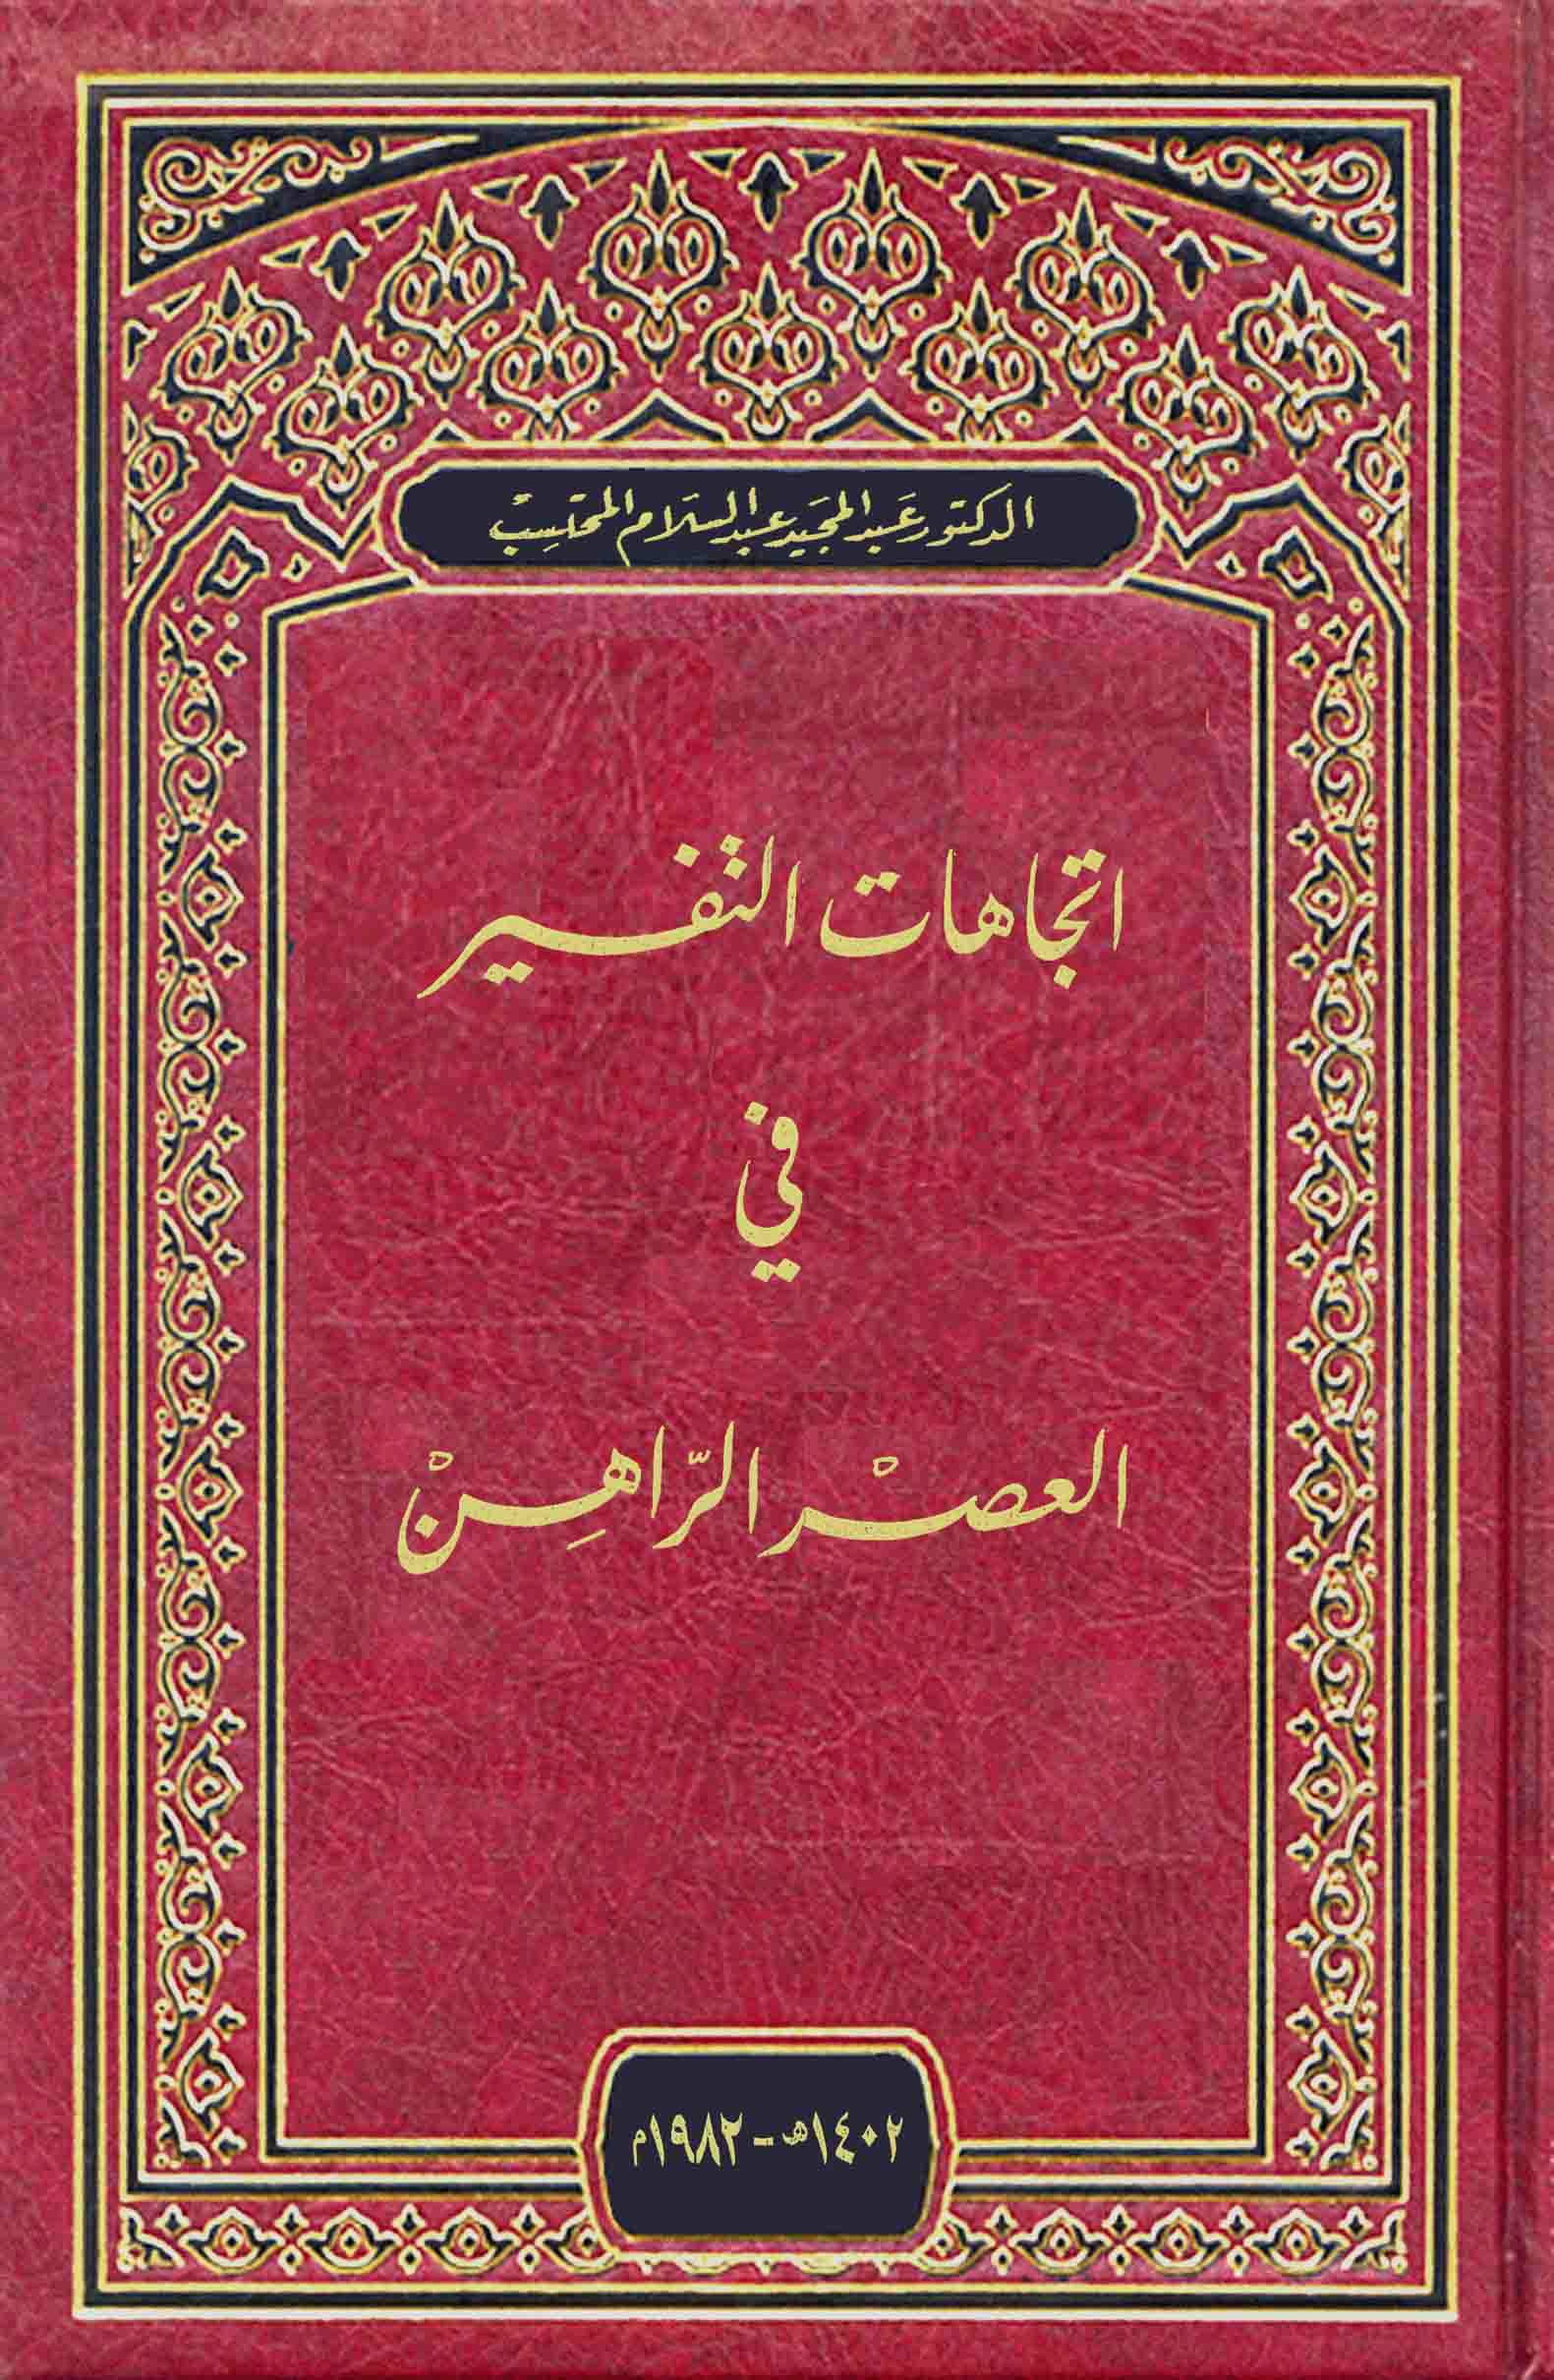 تحميل كتاب اتجاهات التفسير في العصر الراهن لـِ: الدكتور عبد المجيد عبد السلام المحتسب (ت 1434)